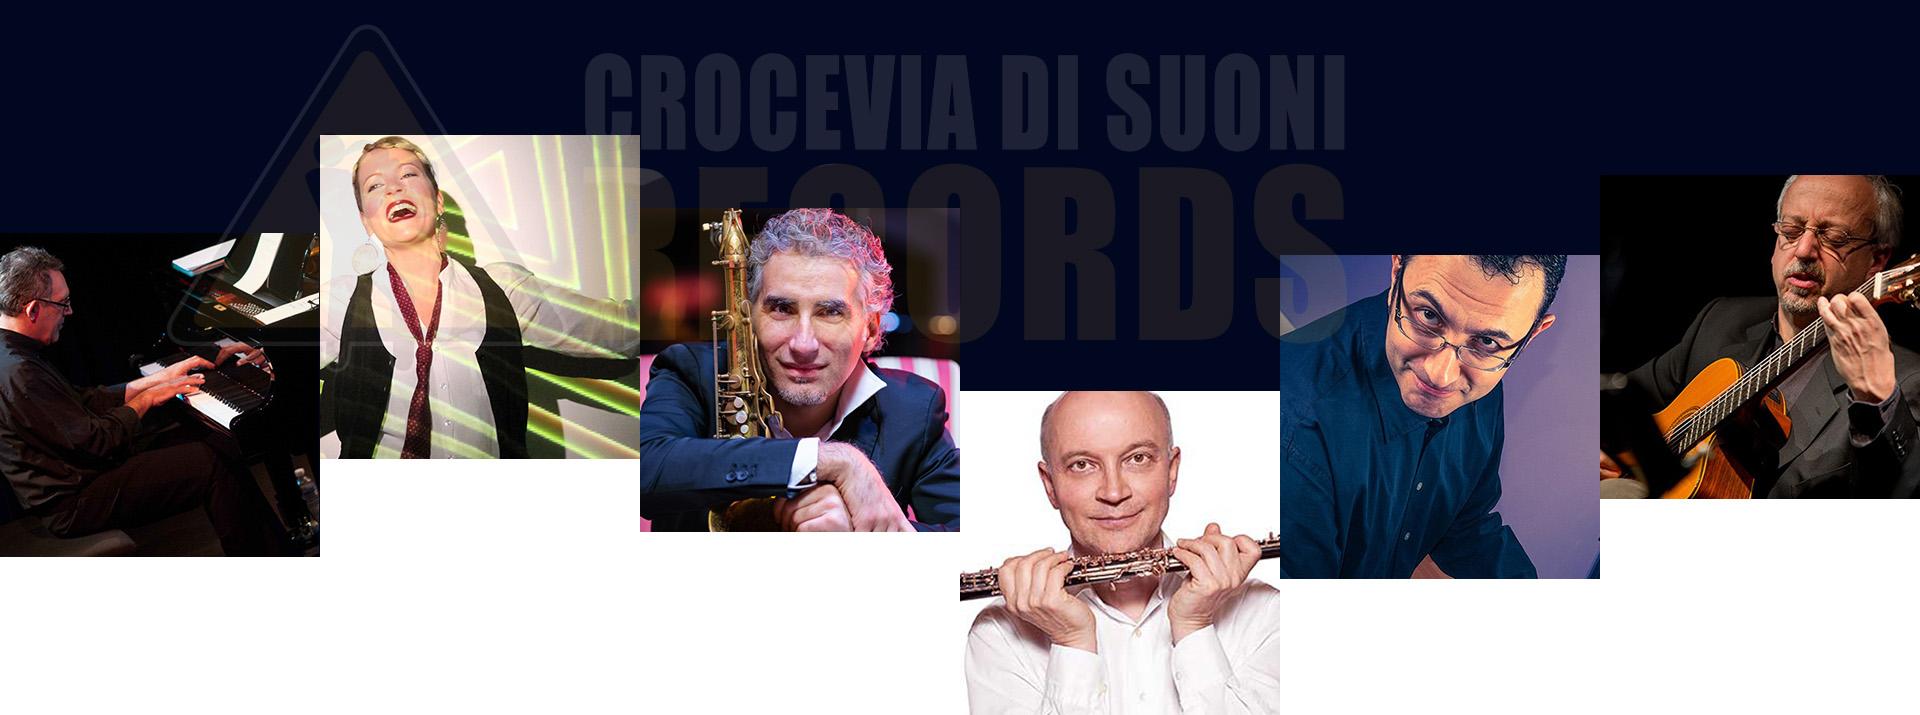 about_artisti_croceviadisuoni_records